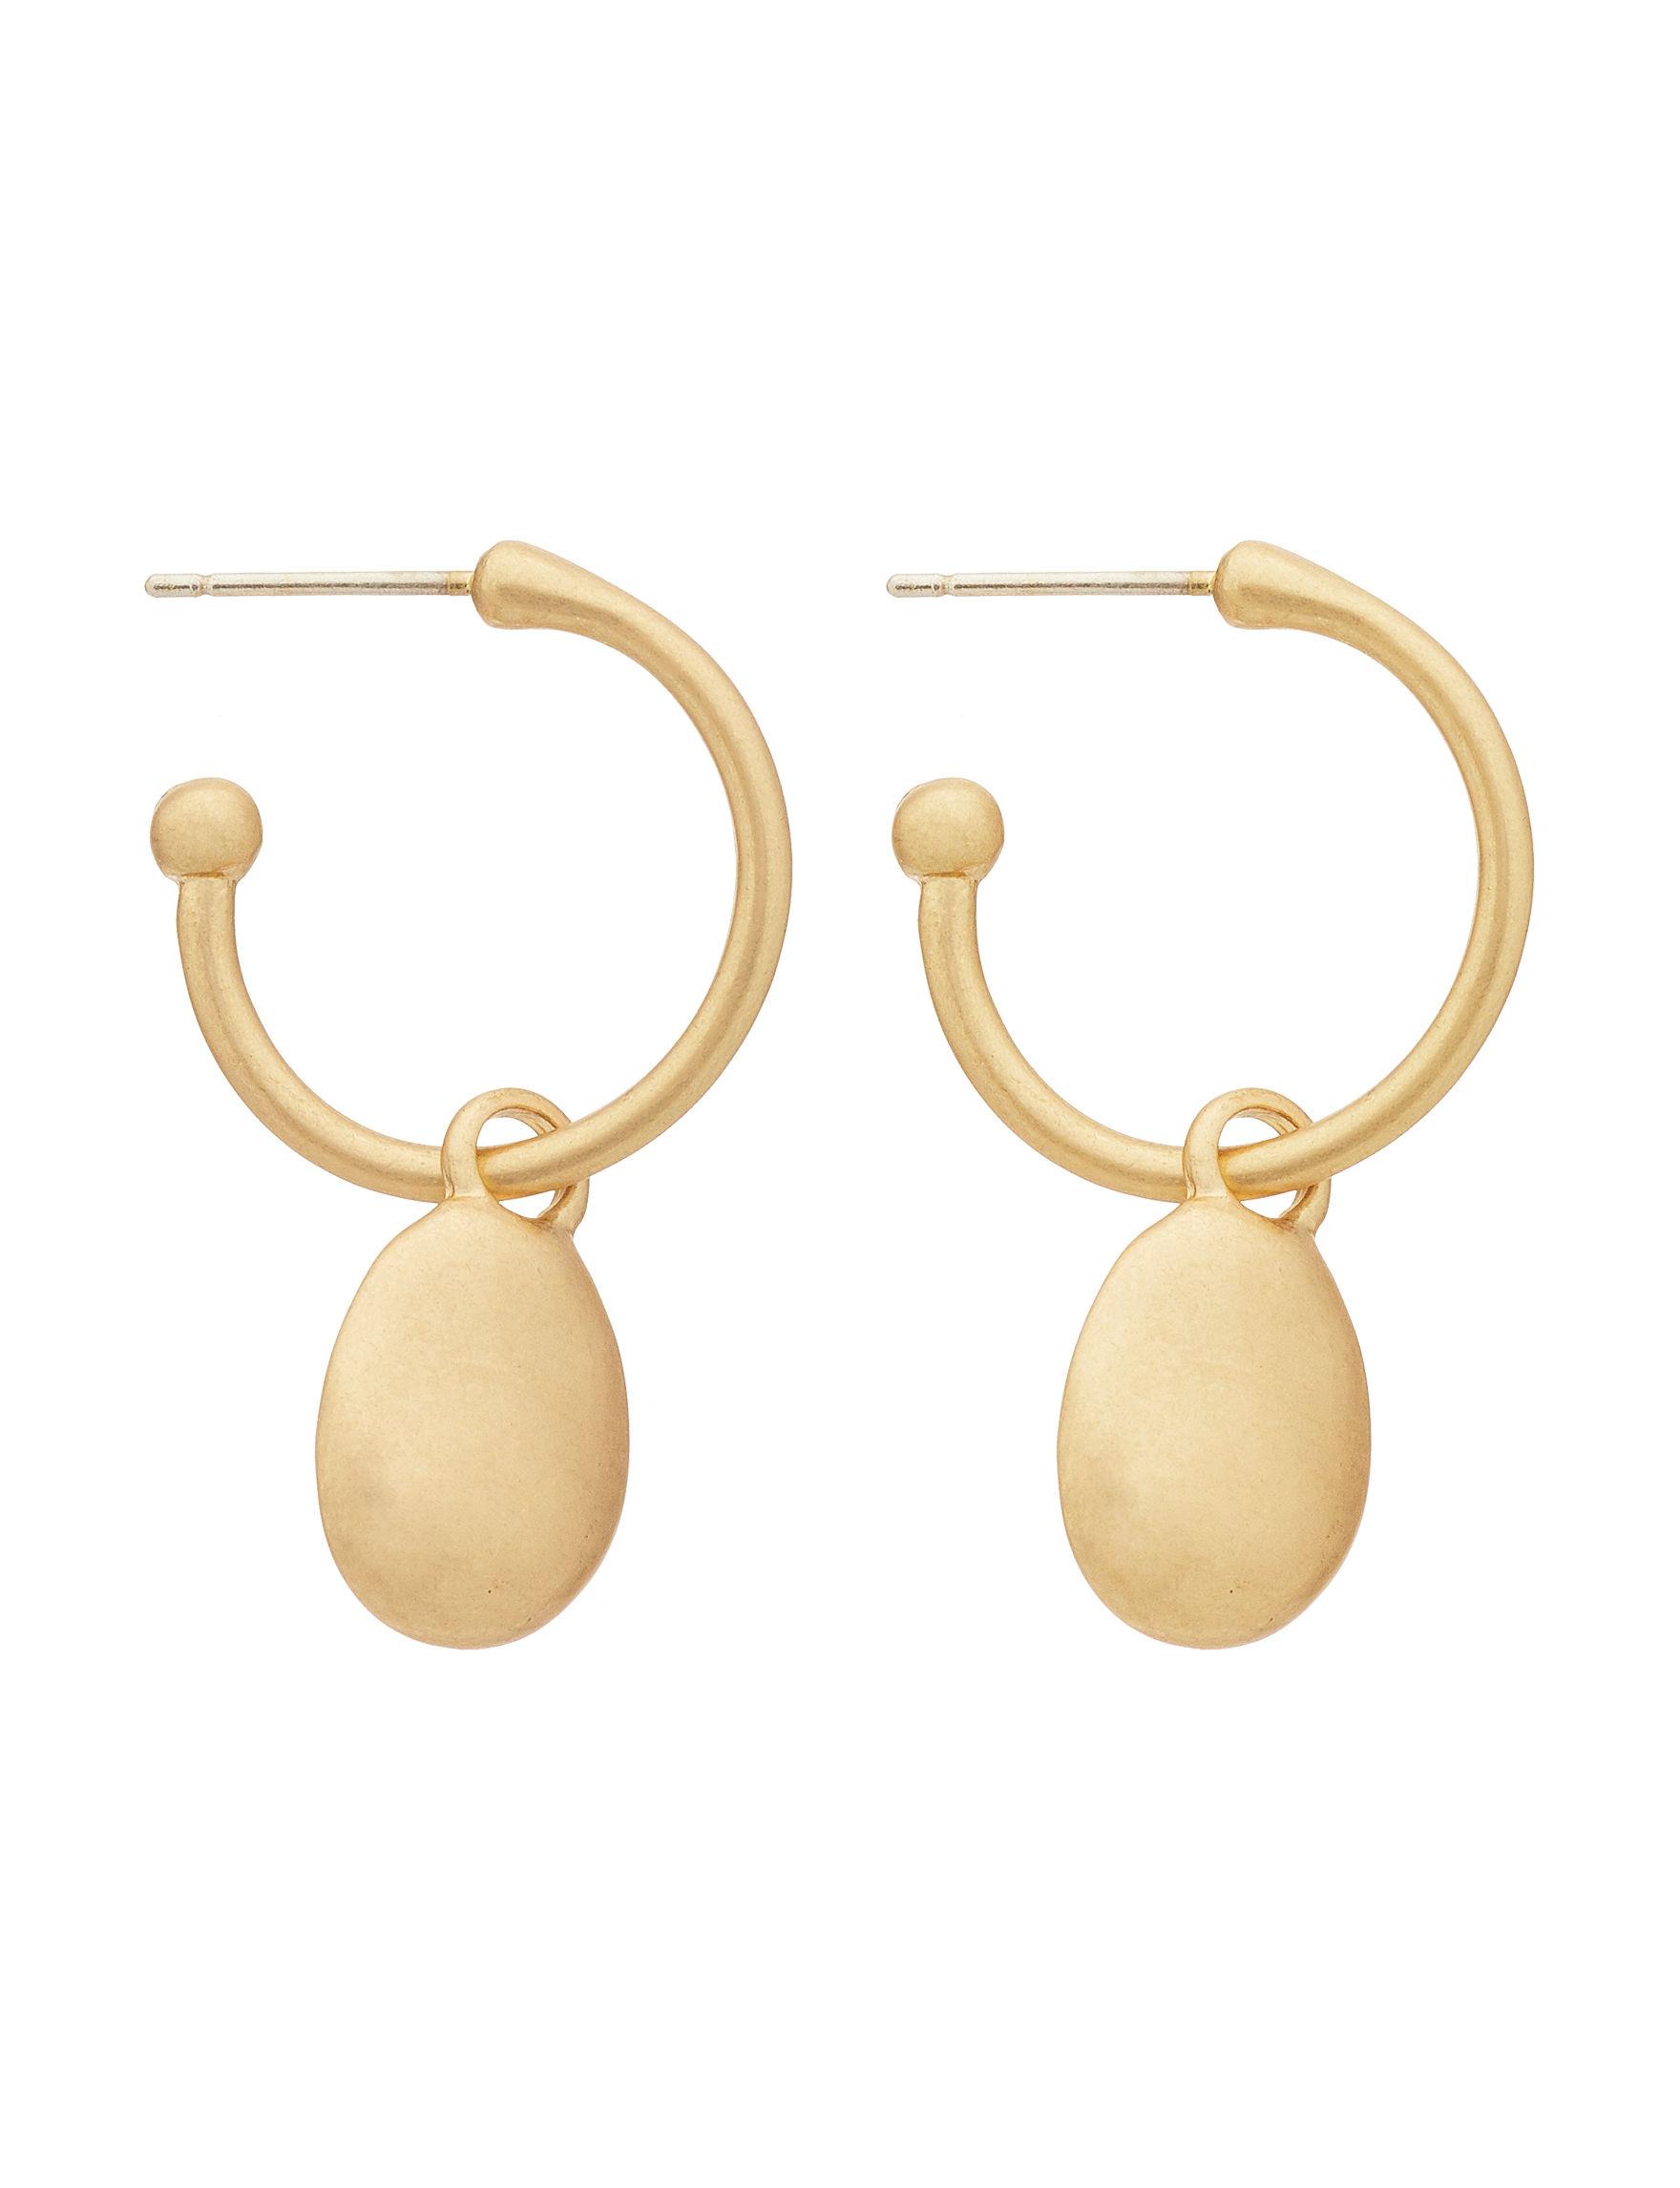 Bella Uno Gold Drops Earrings Fashion Jewelry